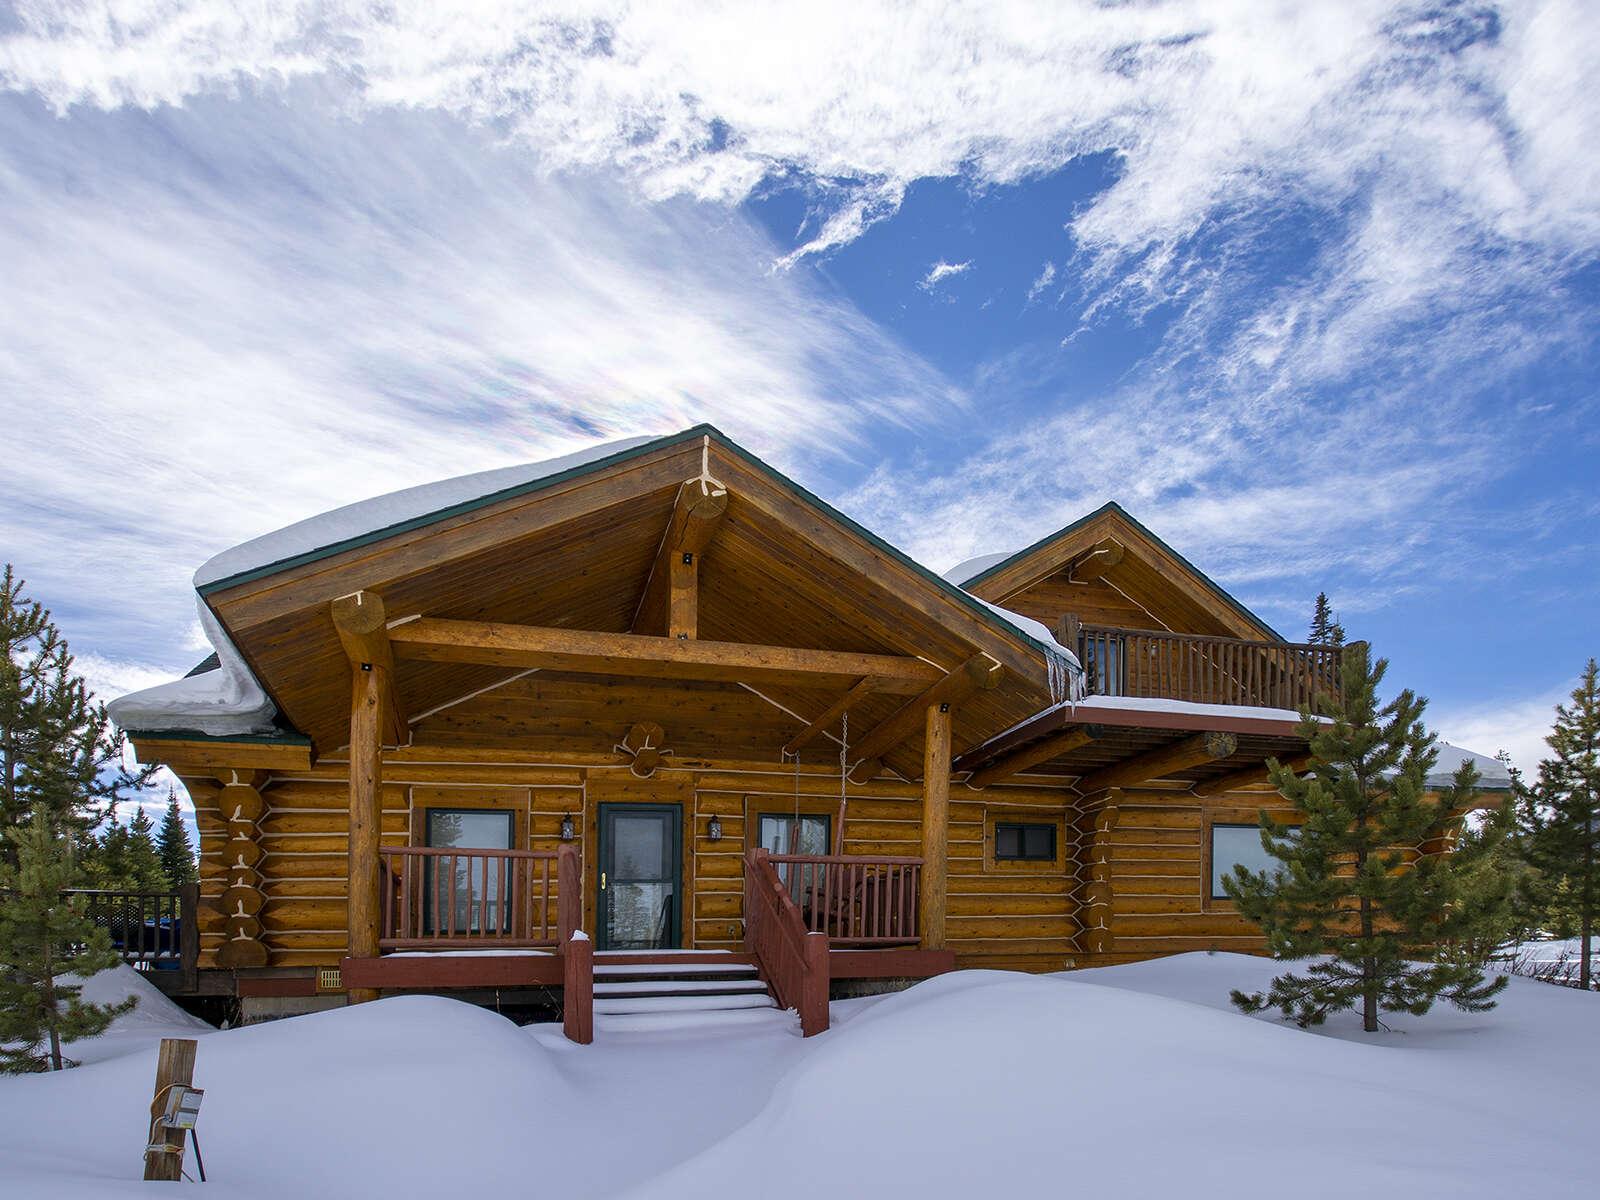 Luxury vacation rentals usa - Colorado - Winter  park - Miles Behind Log Cabin - Image 1/44